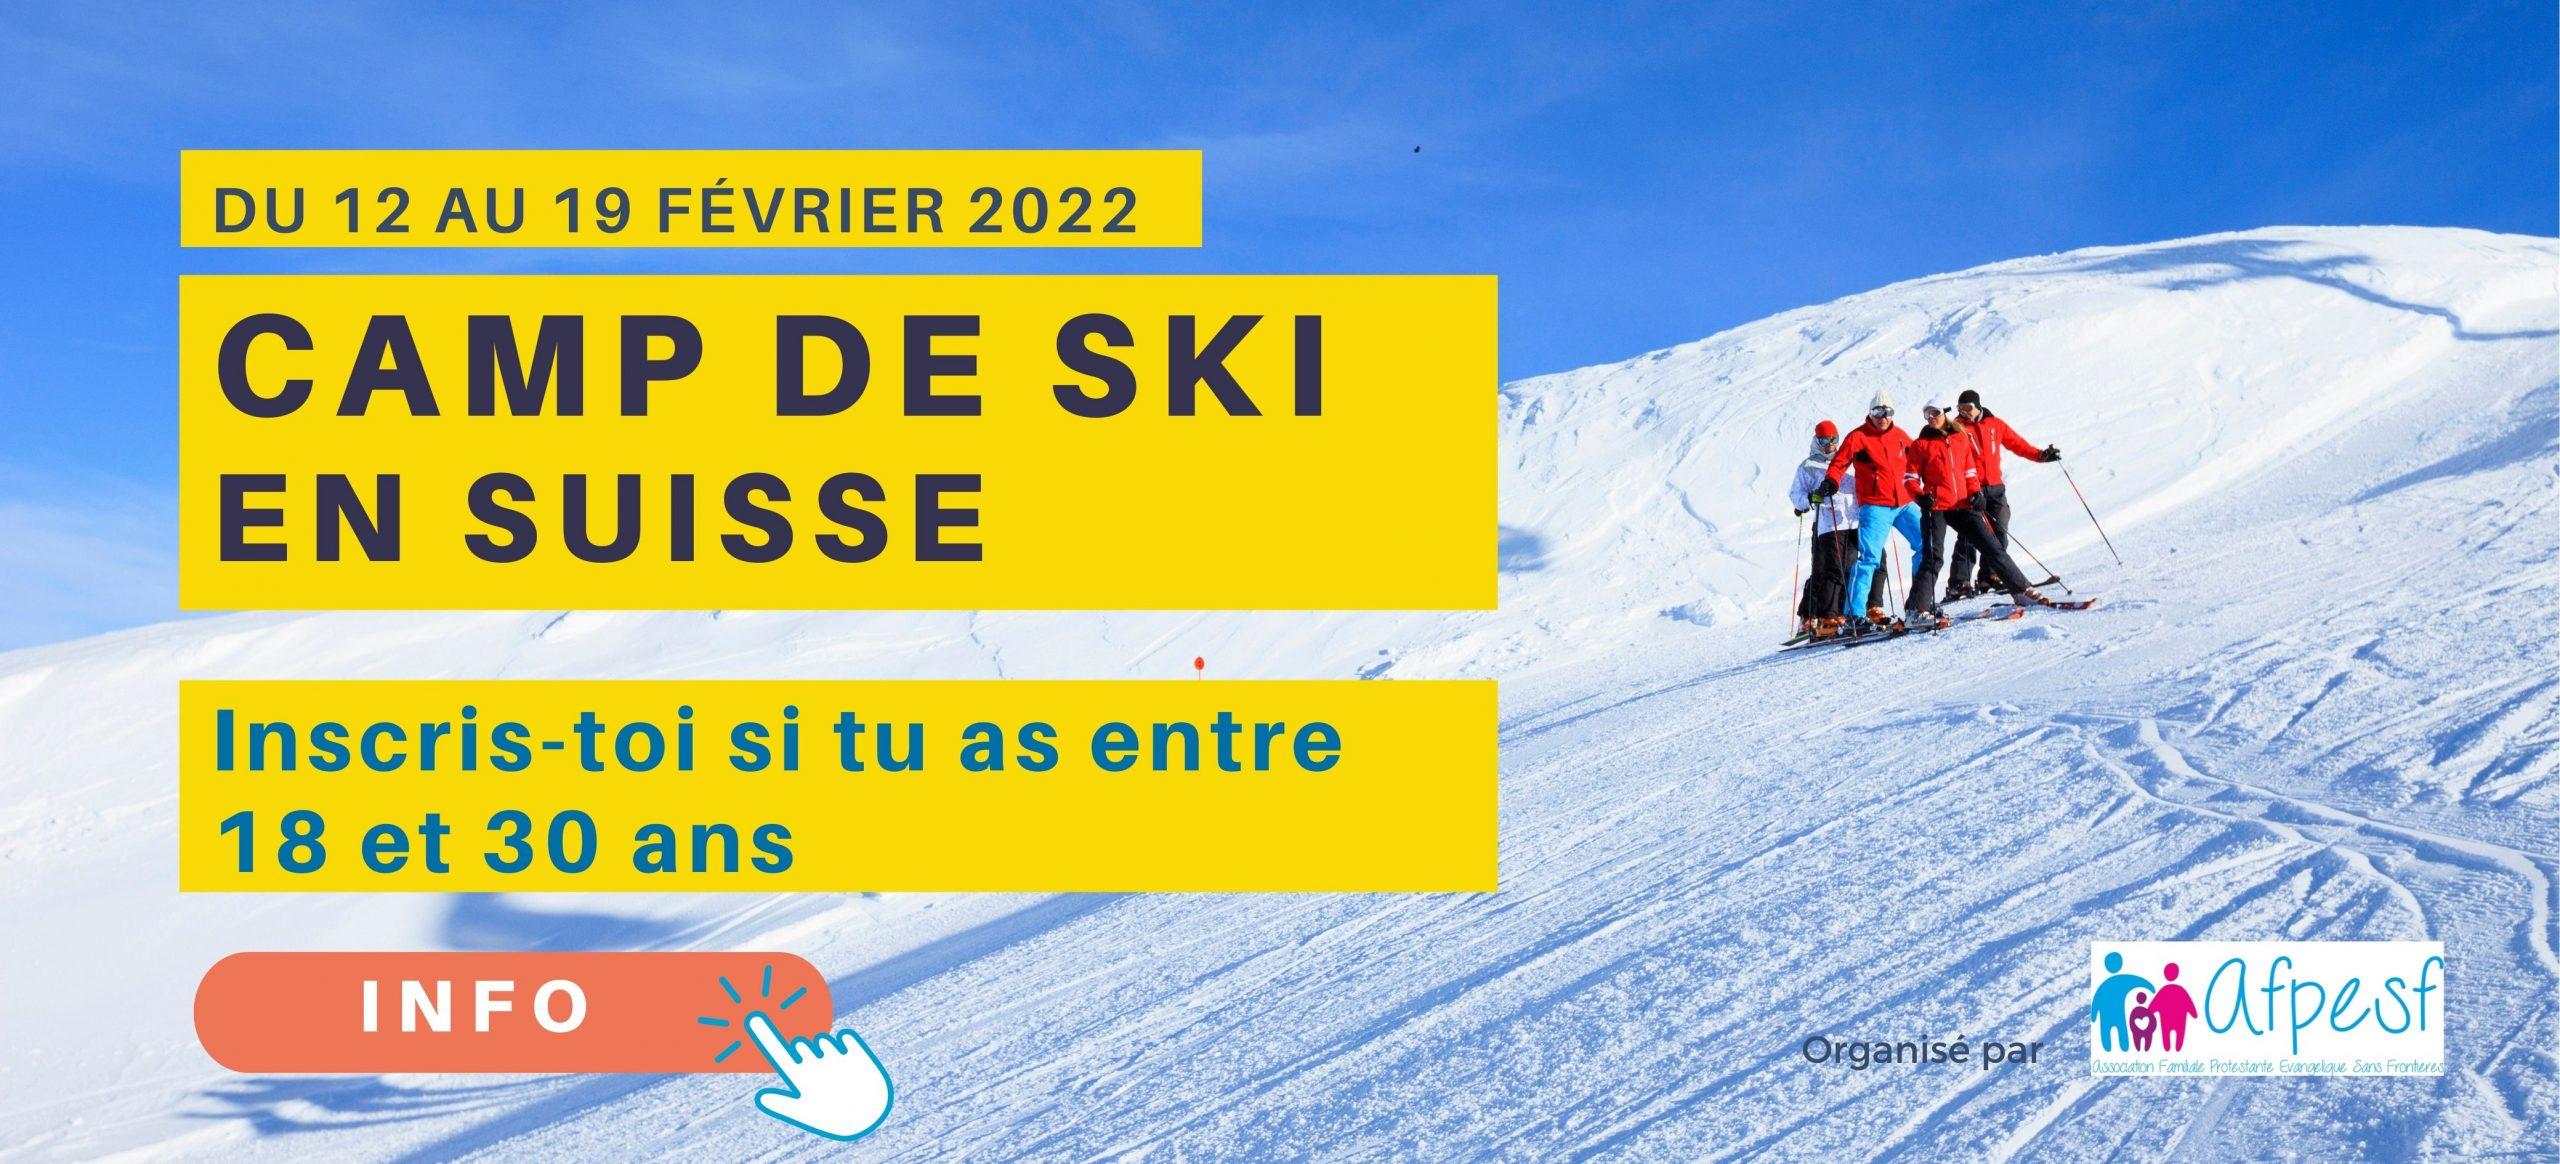 Camp de ski pour les 18 à 30 ans en Suisse